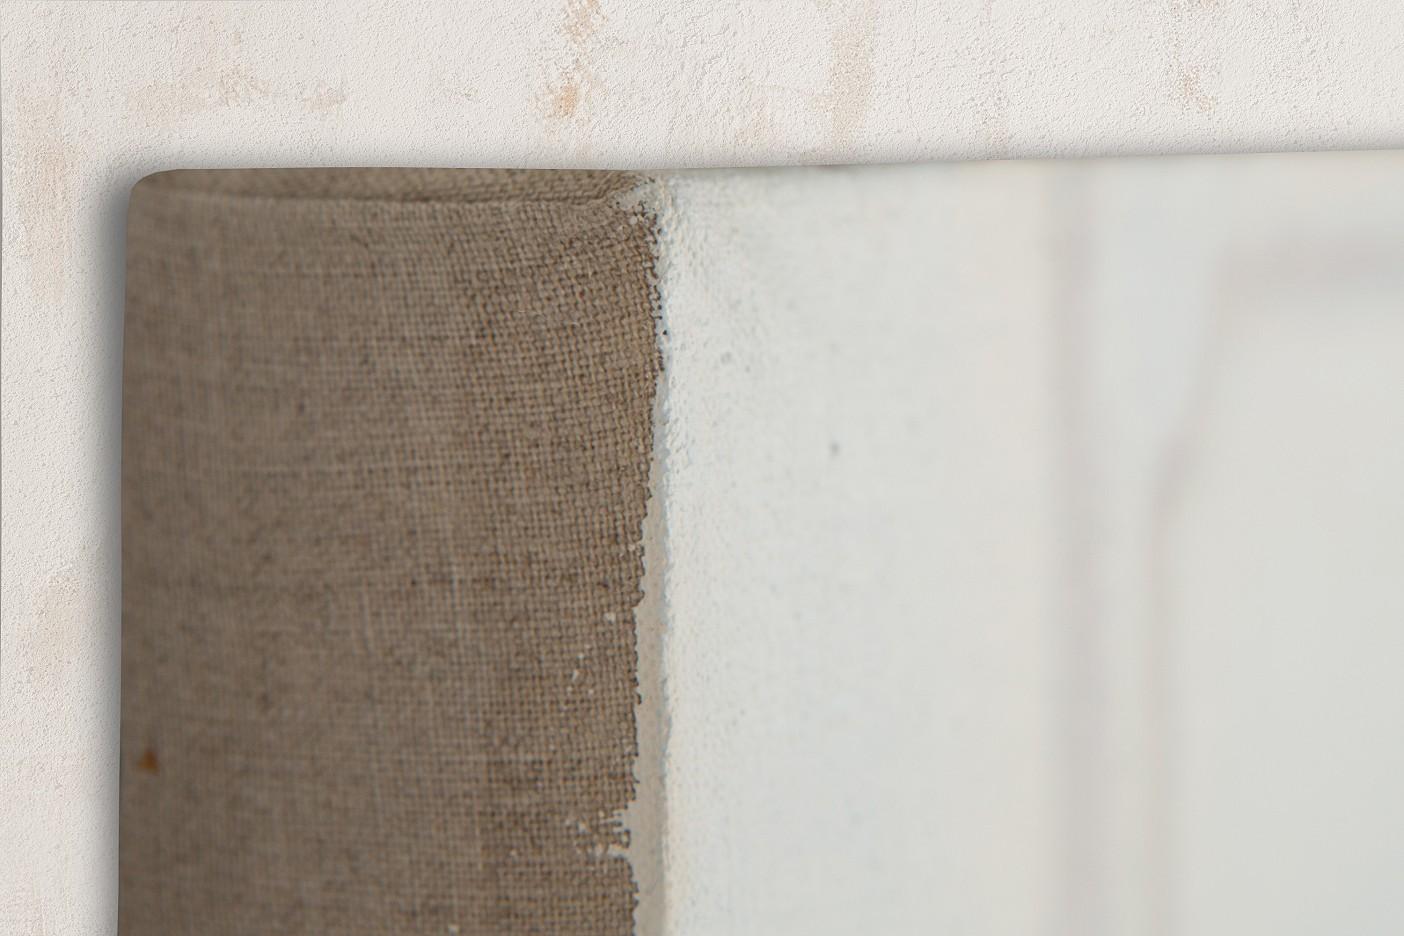 Linen on Wood II/ Leinen auf Holz II